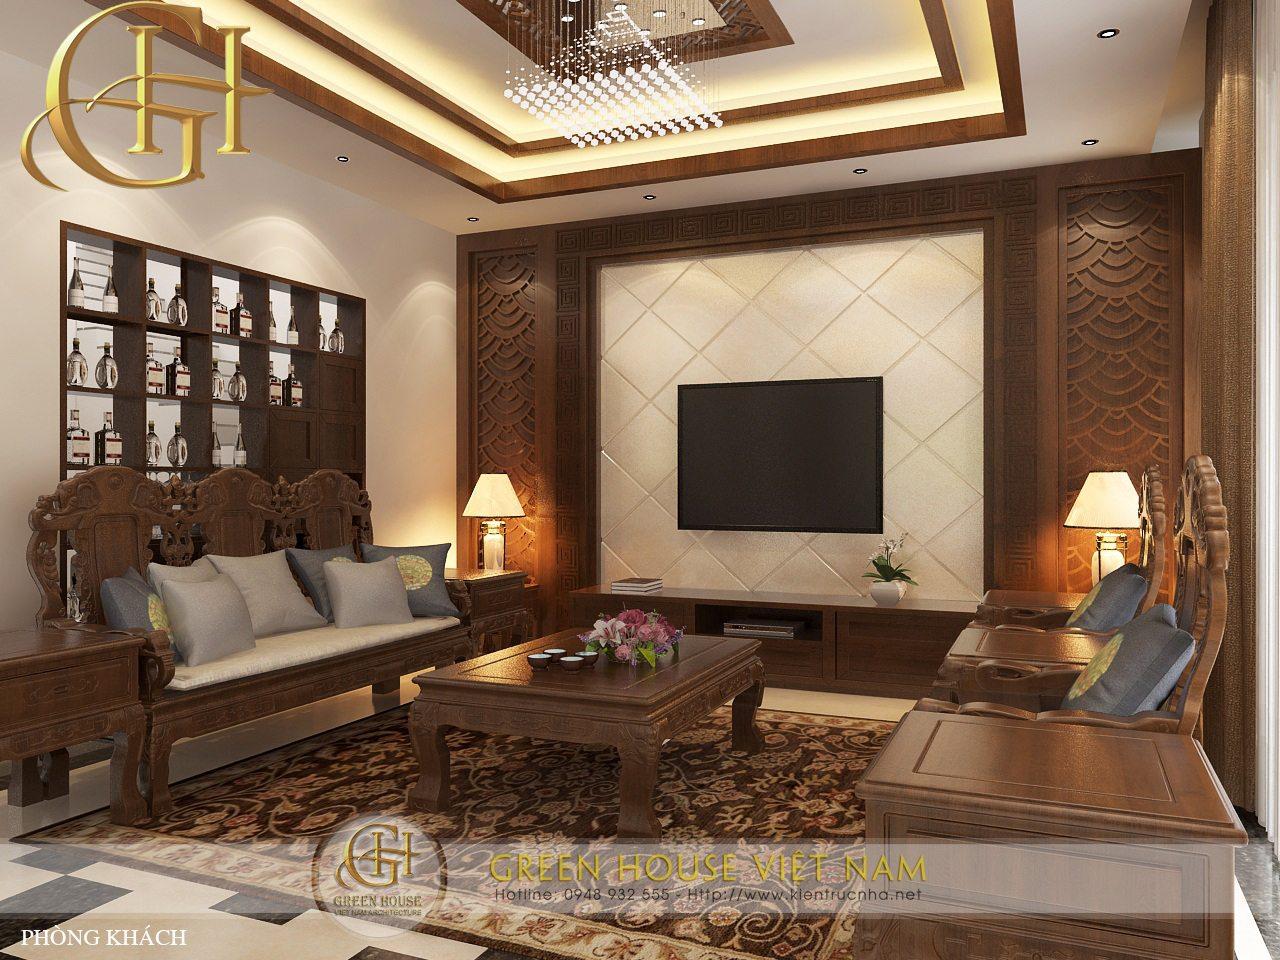 Nét đẹp của phong cách nội thất cổ điển kết hợp tính hiện đại thiết kế bởi Green House Việt Nam